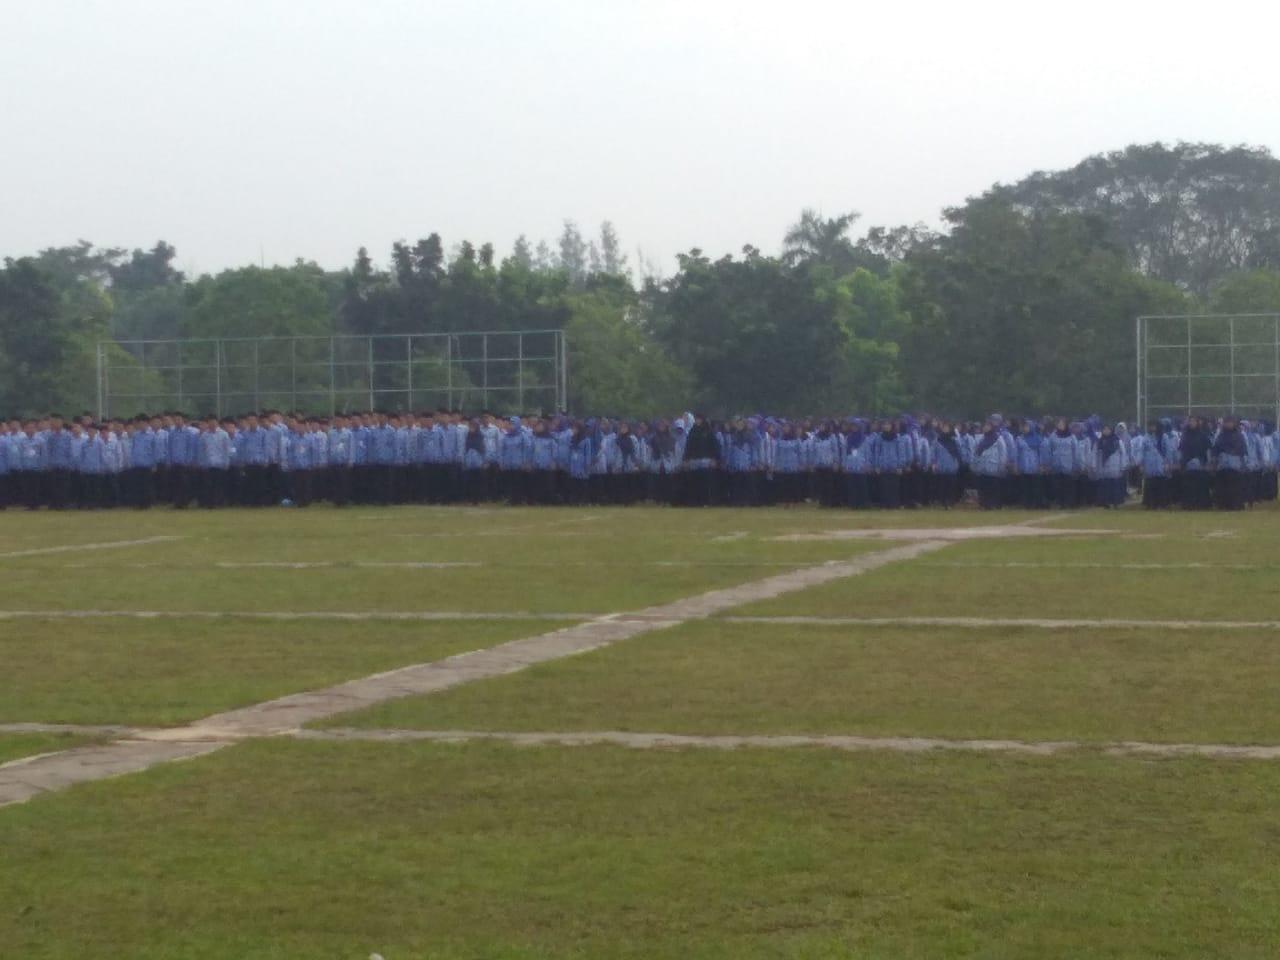 Upacara peringatan Hari Lahir Pancasila di lapangan Maulana Yudha Negara, Puspemkab Tangerang di Tigaraksa, Sabtu (01/6/2019).